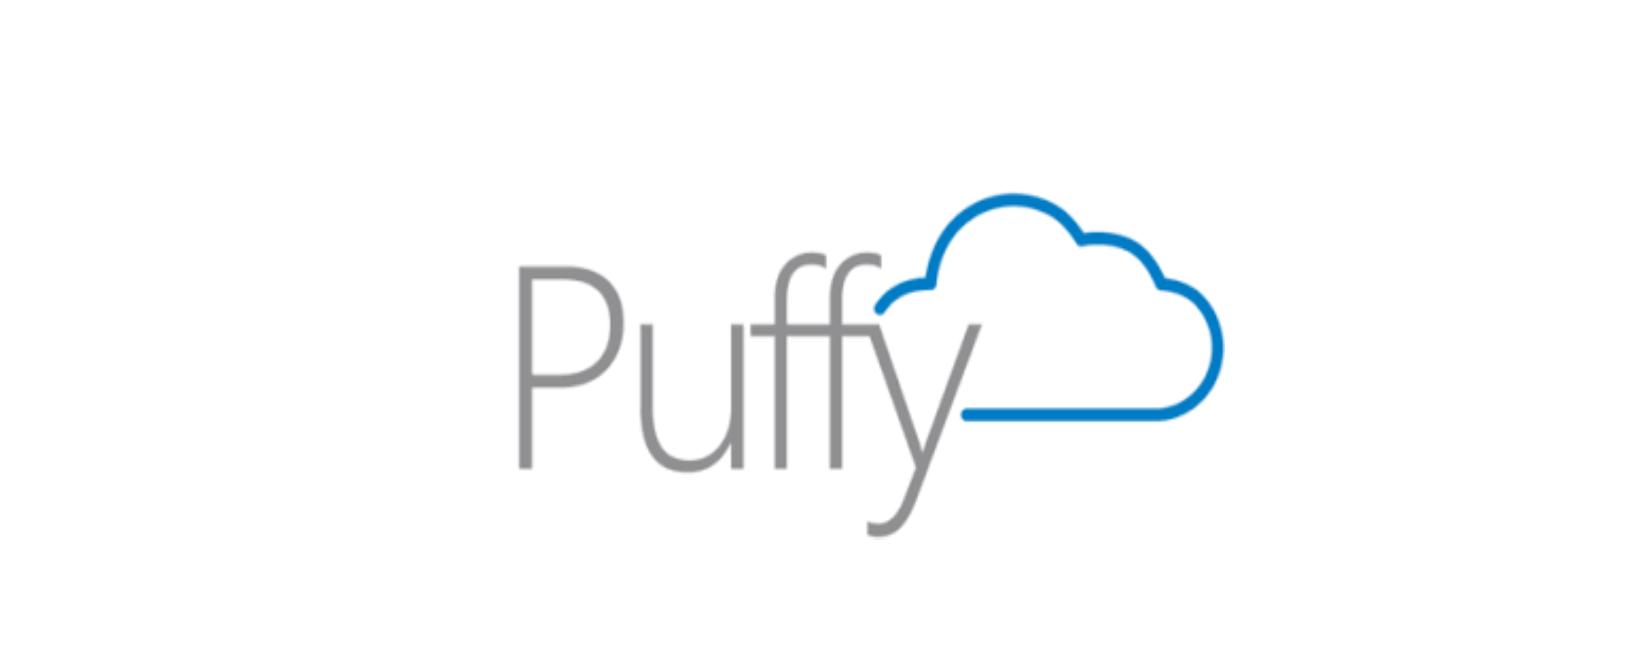 Puffy Mattress Discount Code 2021